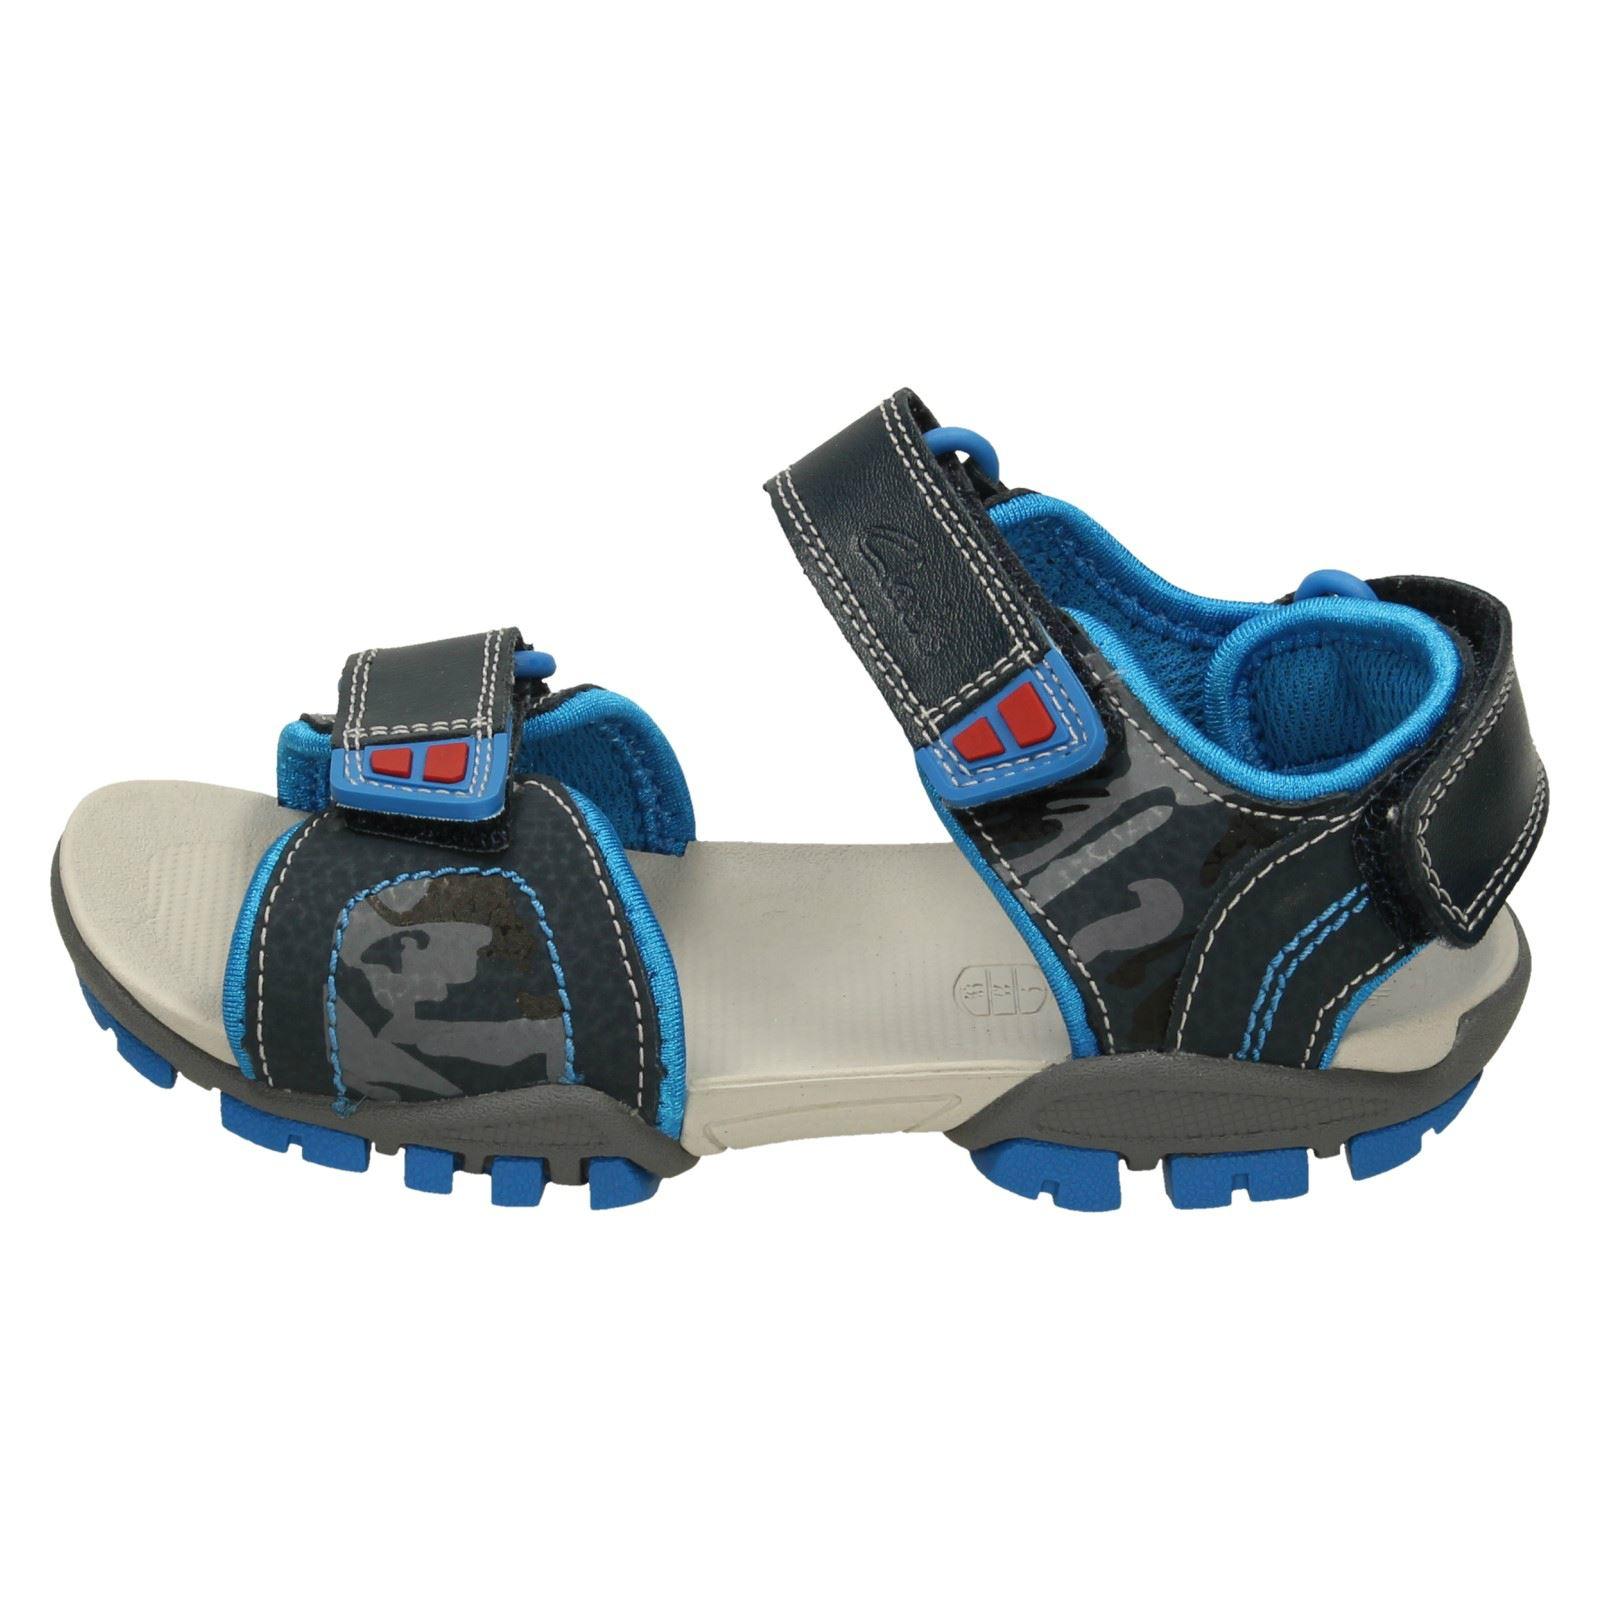 Boys Clarks Sandals - Zalmo Go